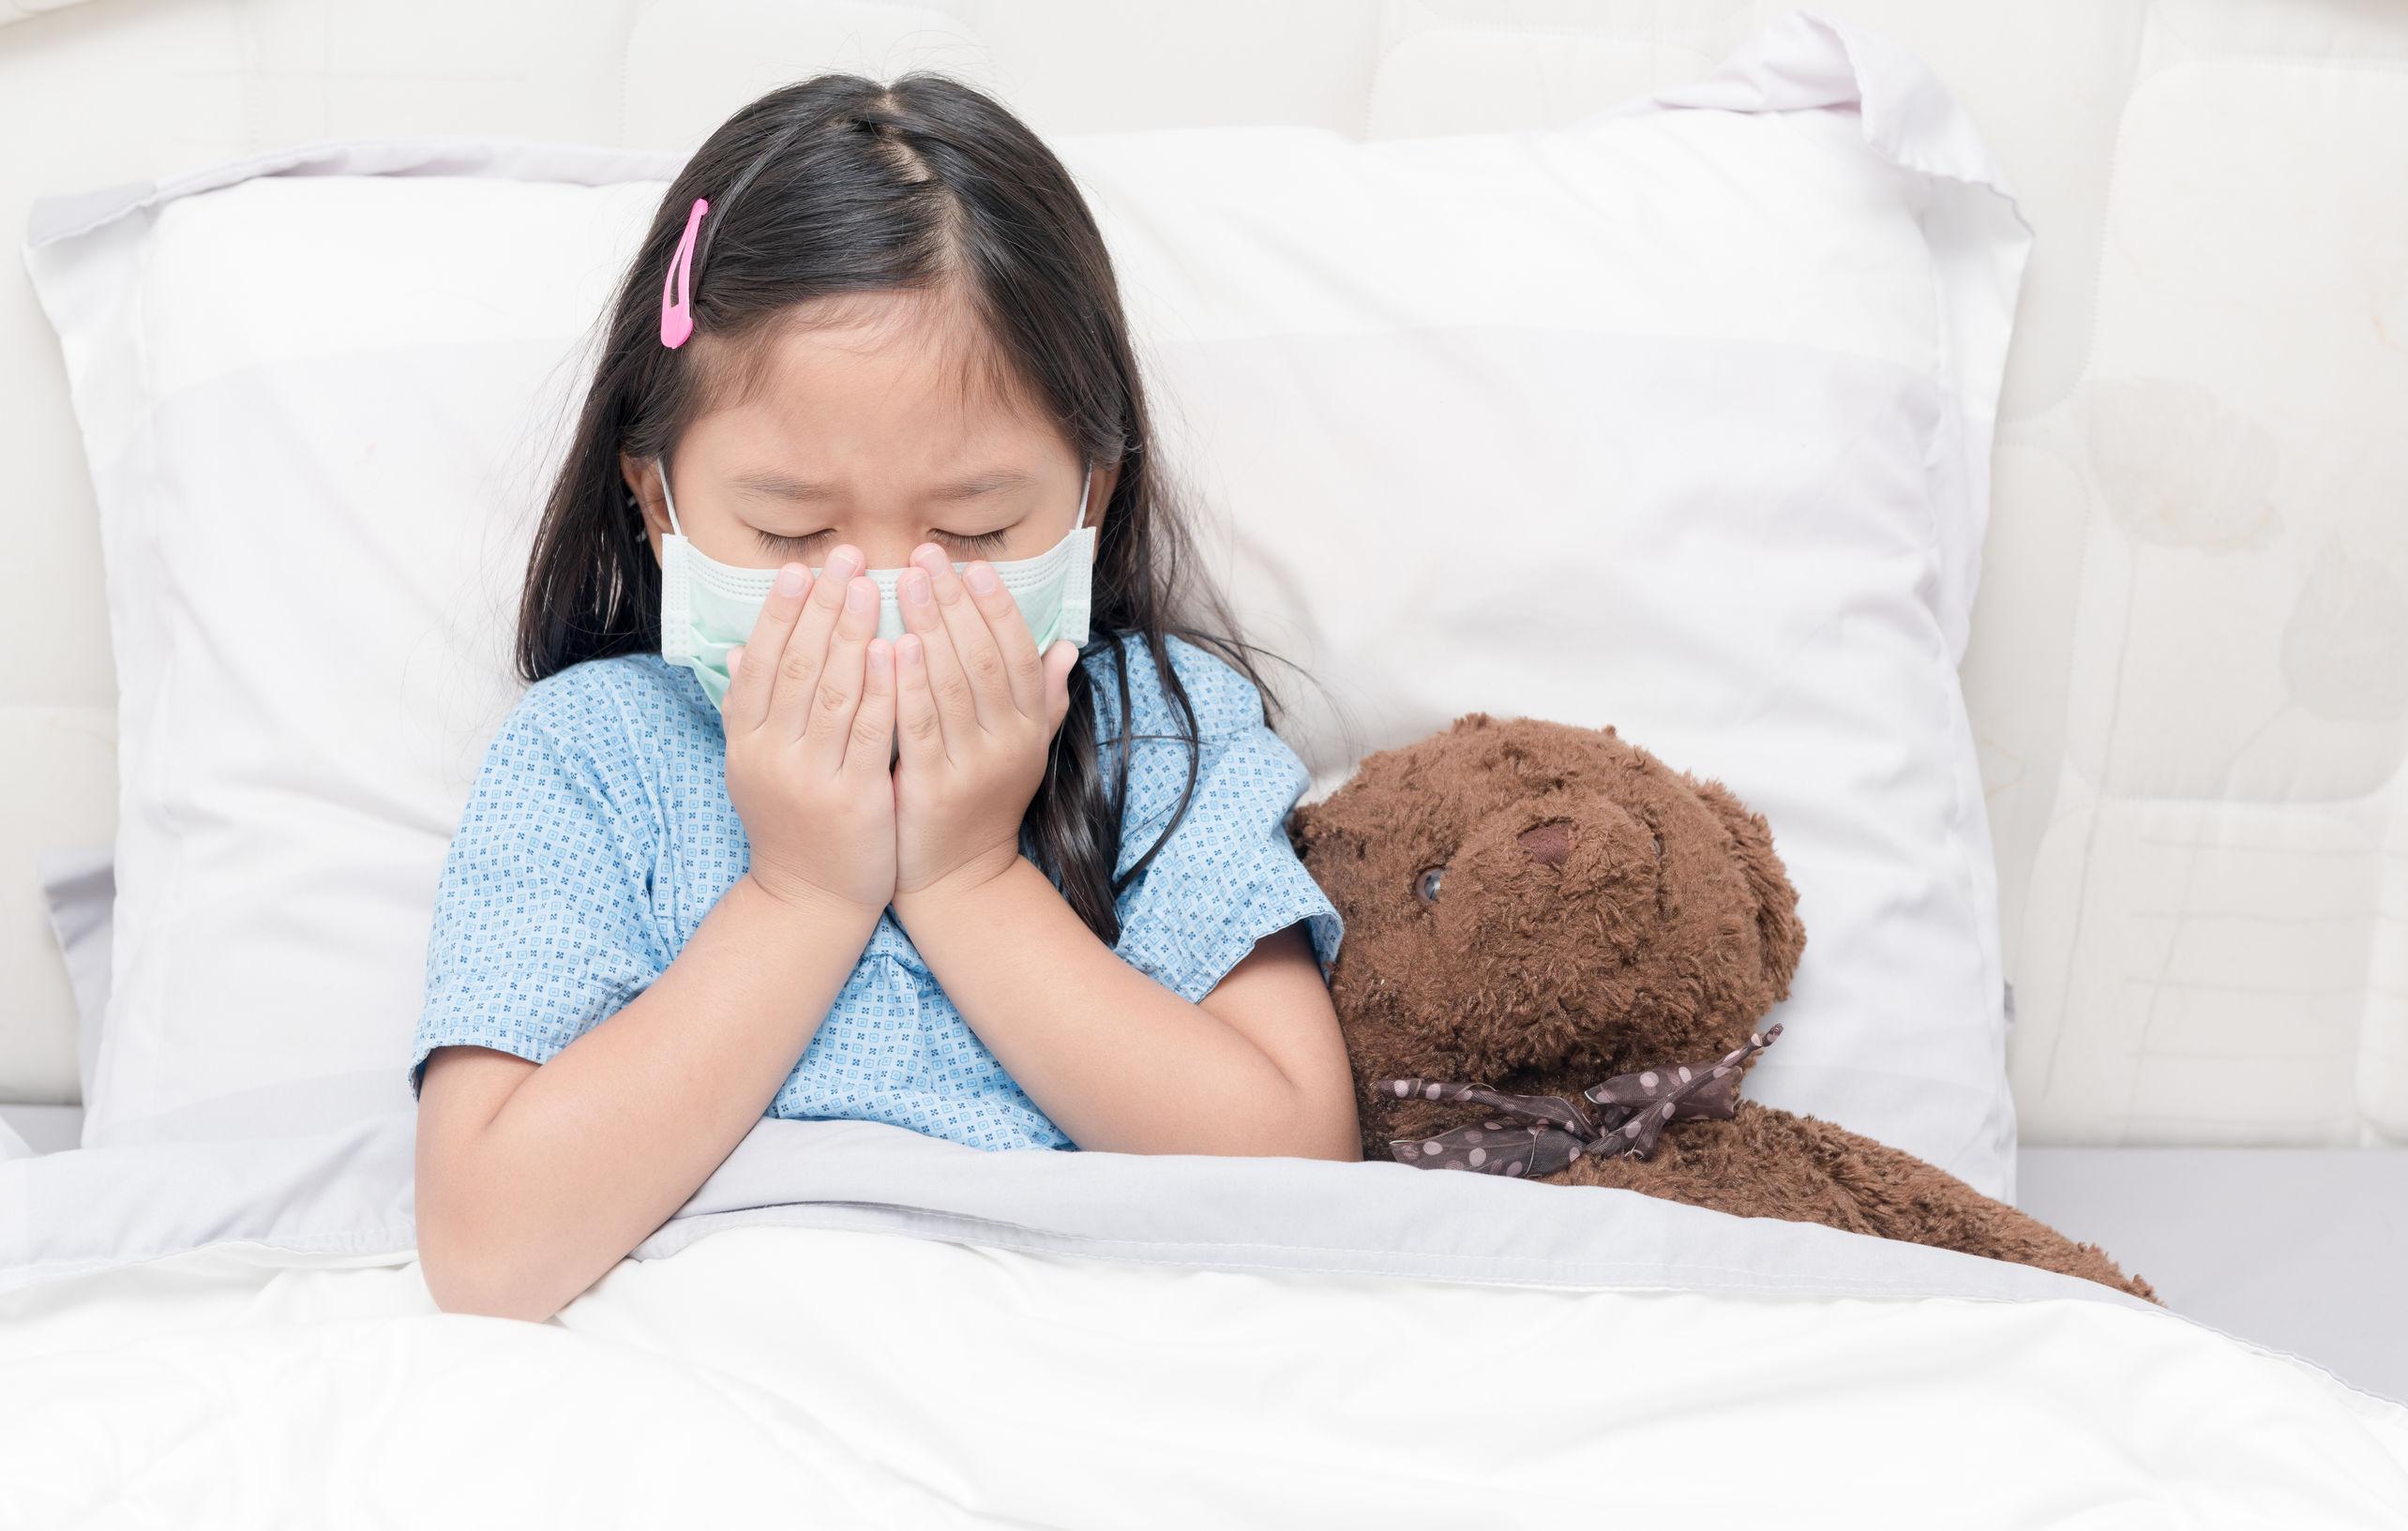 เคล็ดลับเพื่อลูกน้อย: ทำอย่างไร เมื่อลูกมีอาการไอ?